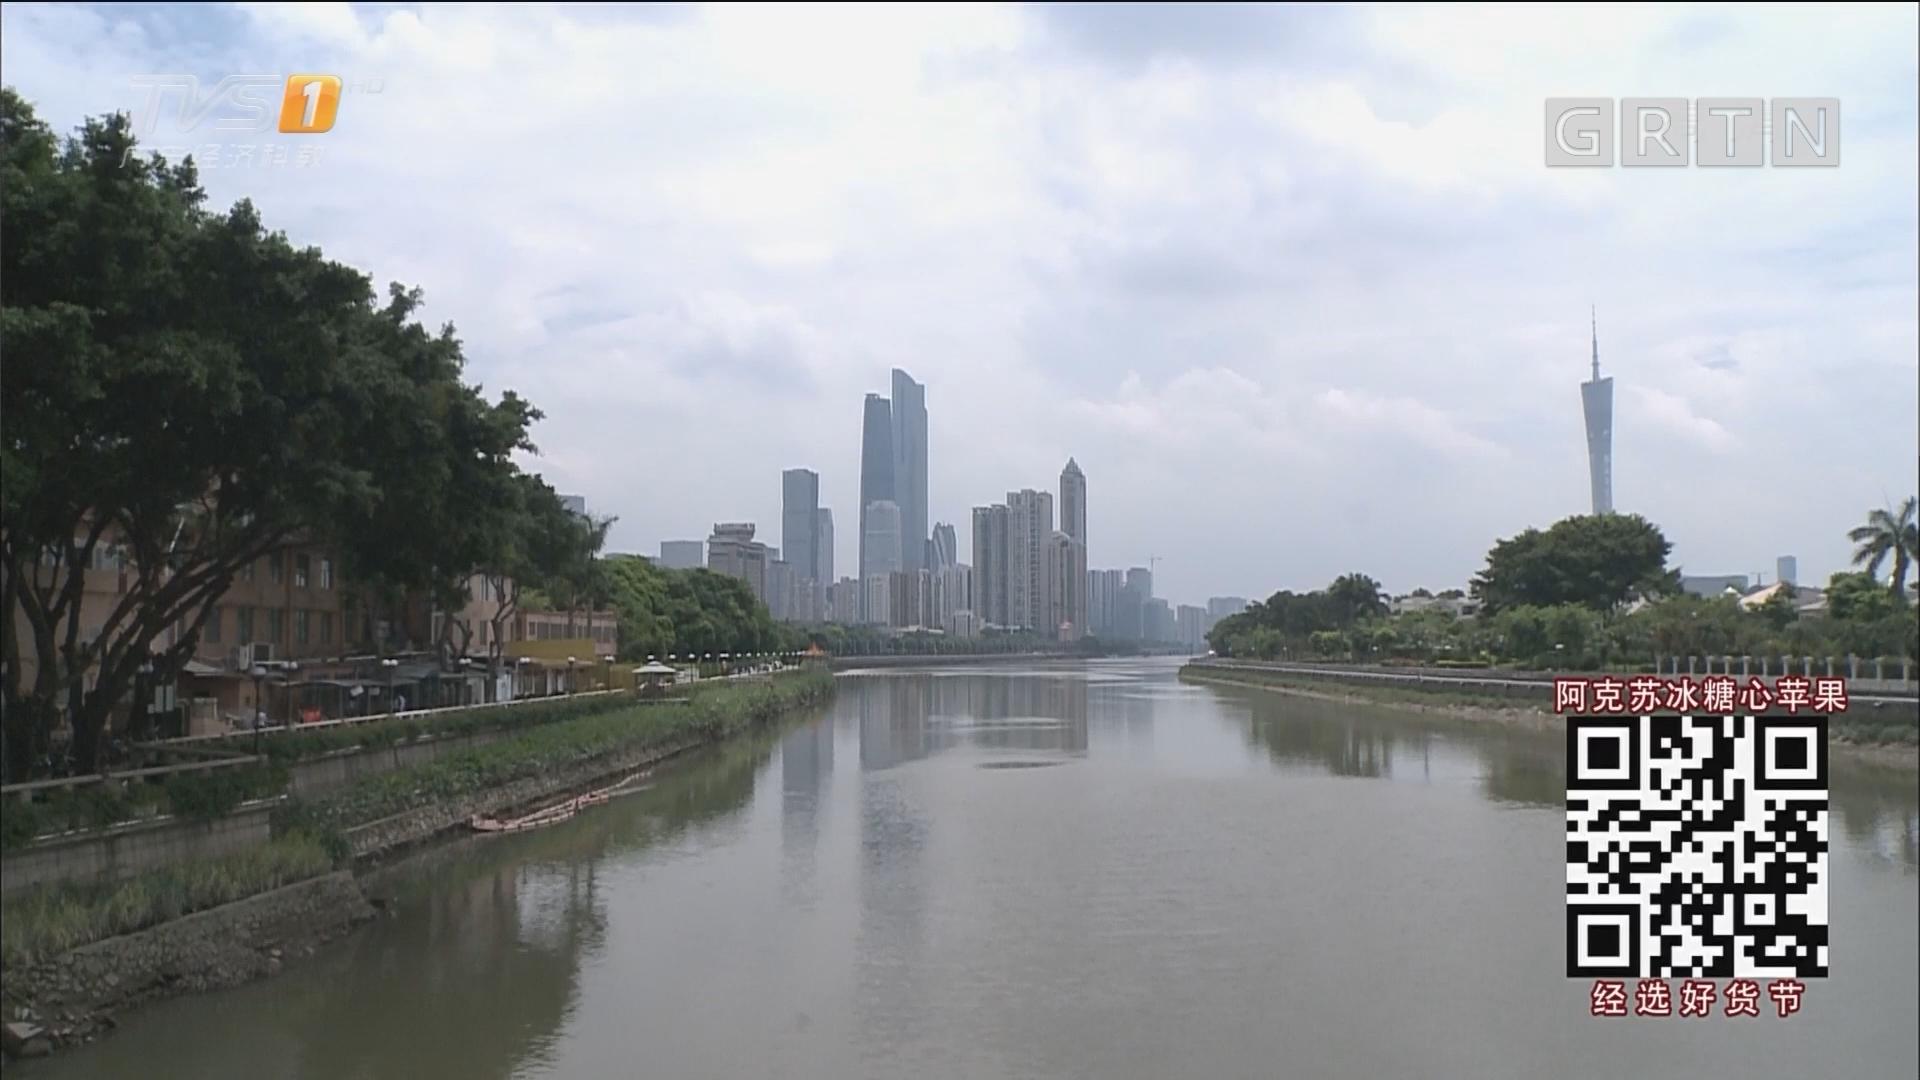 广州将新增19个森林公园 打造生态绿色之城